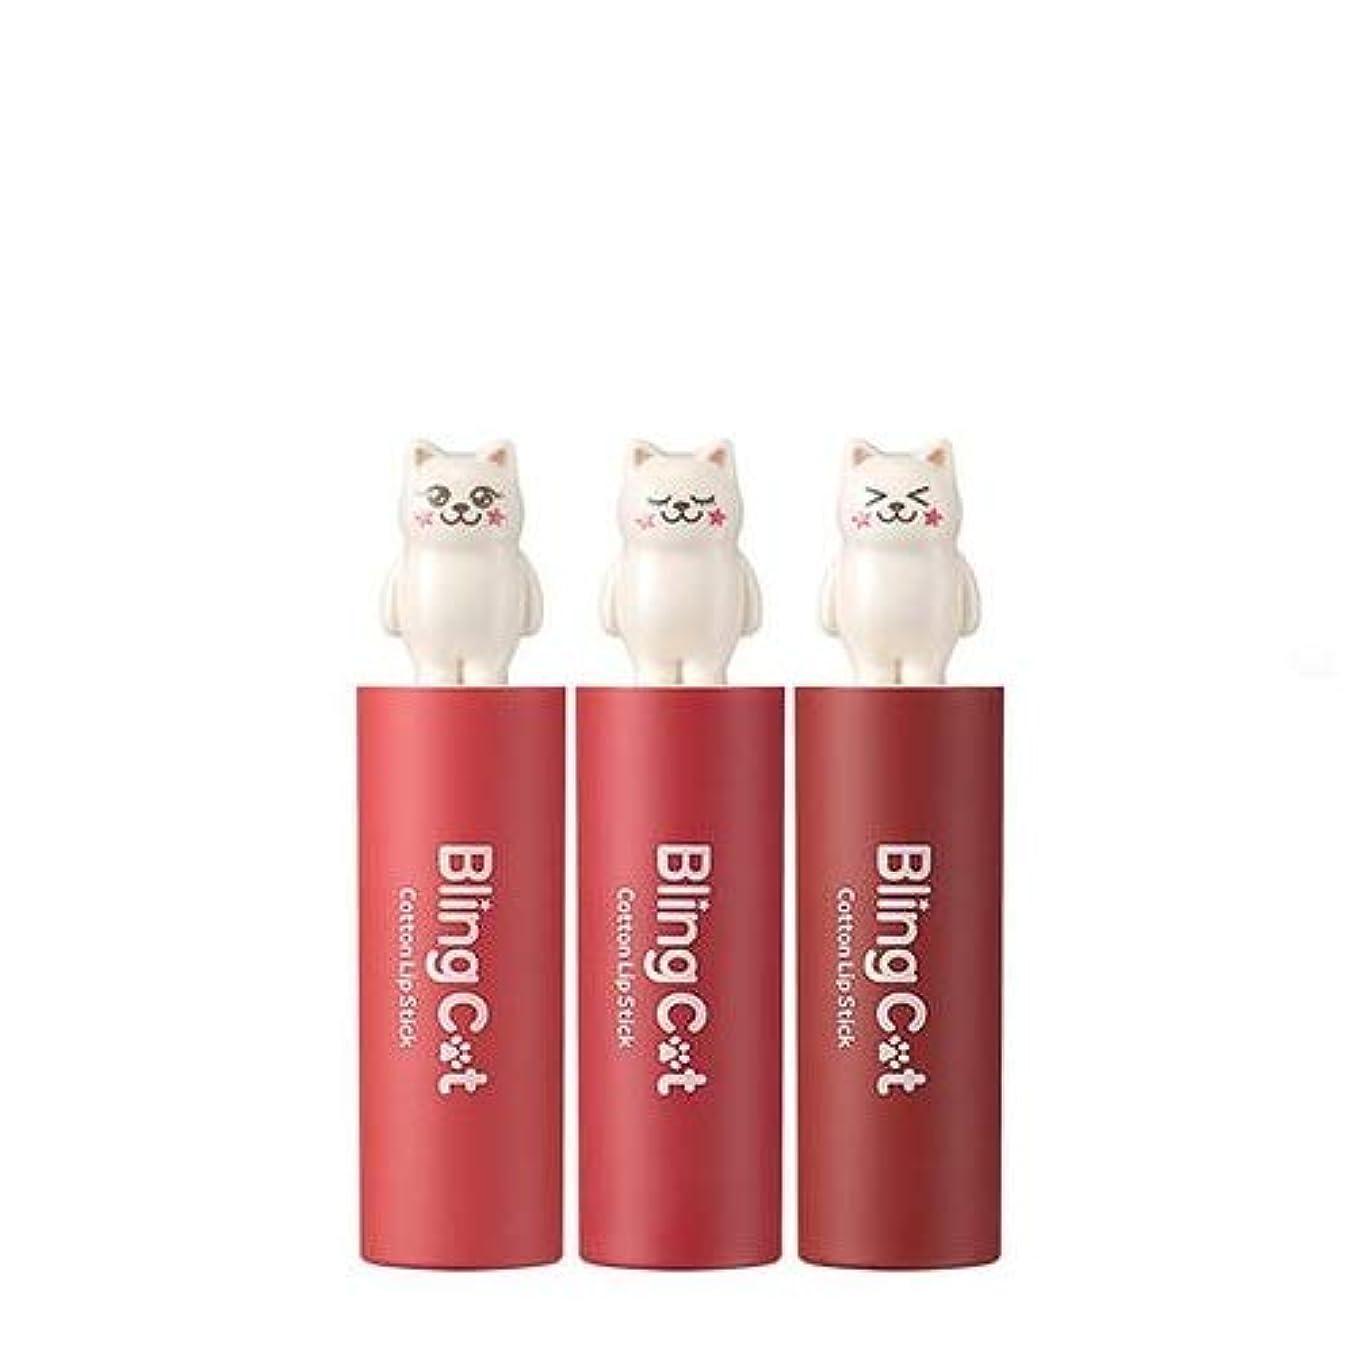 分析する野ウサギ拍車トニーモリー ブリングキャット コットン リップスティック 3.4g / TONYMOLY Bling Cat Cotton Lipstick # 04. Little Coral [並行輸入品]